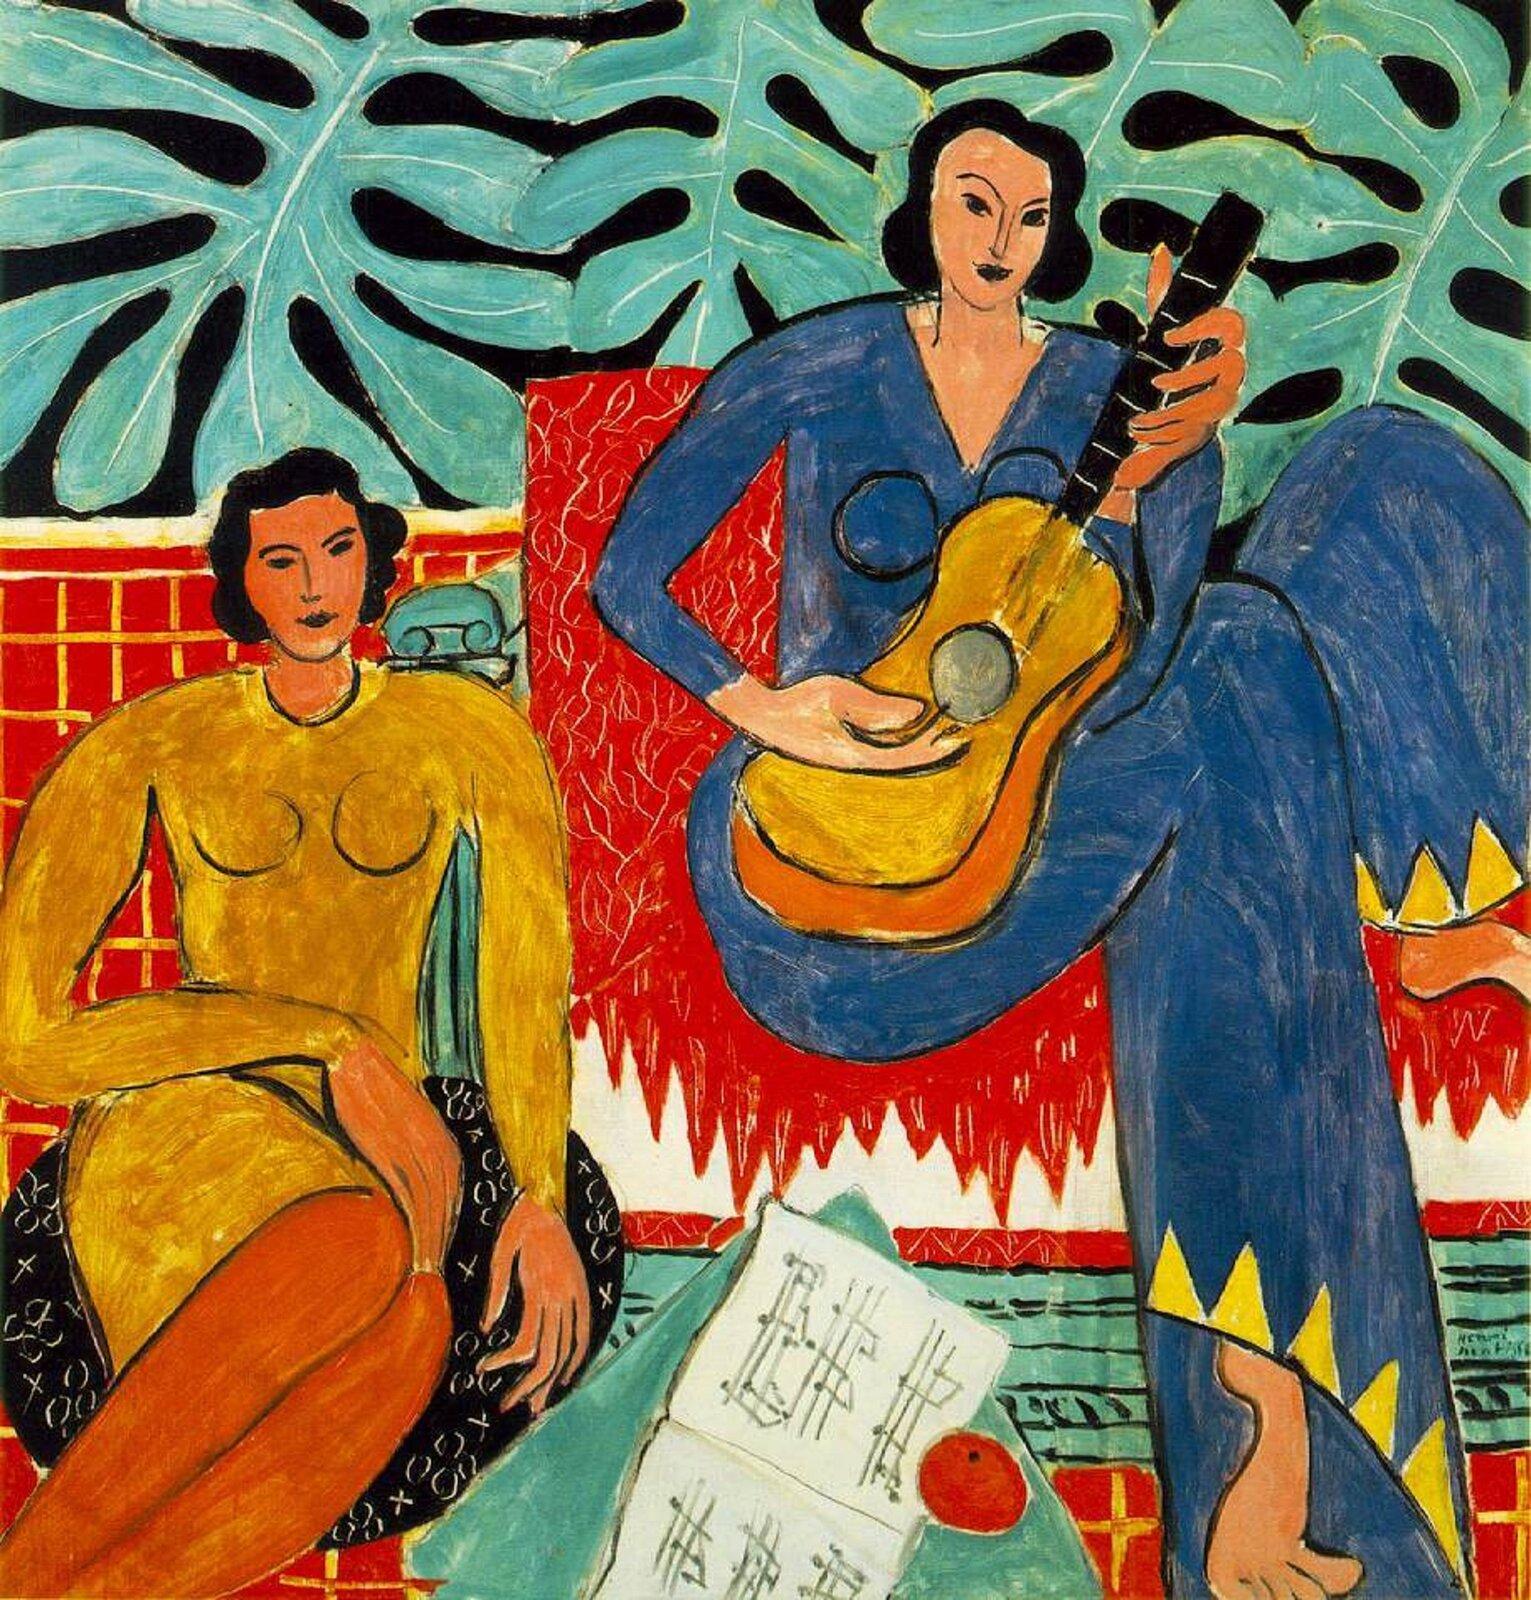 """Ilustracja przedstawia obraz Henriego Matisse pt. """"Lekcja muzyki"""". Obraz powstał w1917 roku. Obecnie możemy go znaleźć wOklahoma City Museum of Art, Oklahoma. Dzieło przedstawia dwie kobiety. Jedna, ubrana wniebieską sukienkę, gra na gitarze, adruga, ubrana wżółtą sukienkę, jej się przysłuchuje. Na stoliku stojącym przed kobietami ułożone są nuty. Wtle na ścianie widoczne są namalowane liście. Obraz jest przykładem malarstwa fowistycznego charakteryzującego się dużym uproszczeniem. Autorem dzieła był francuski malarz uważany za najsłynniejszego fowistę."""